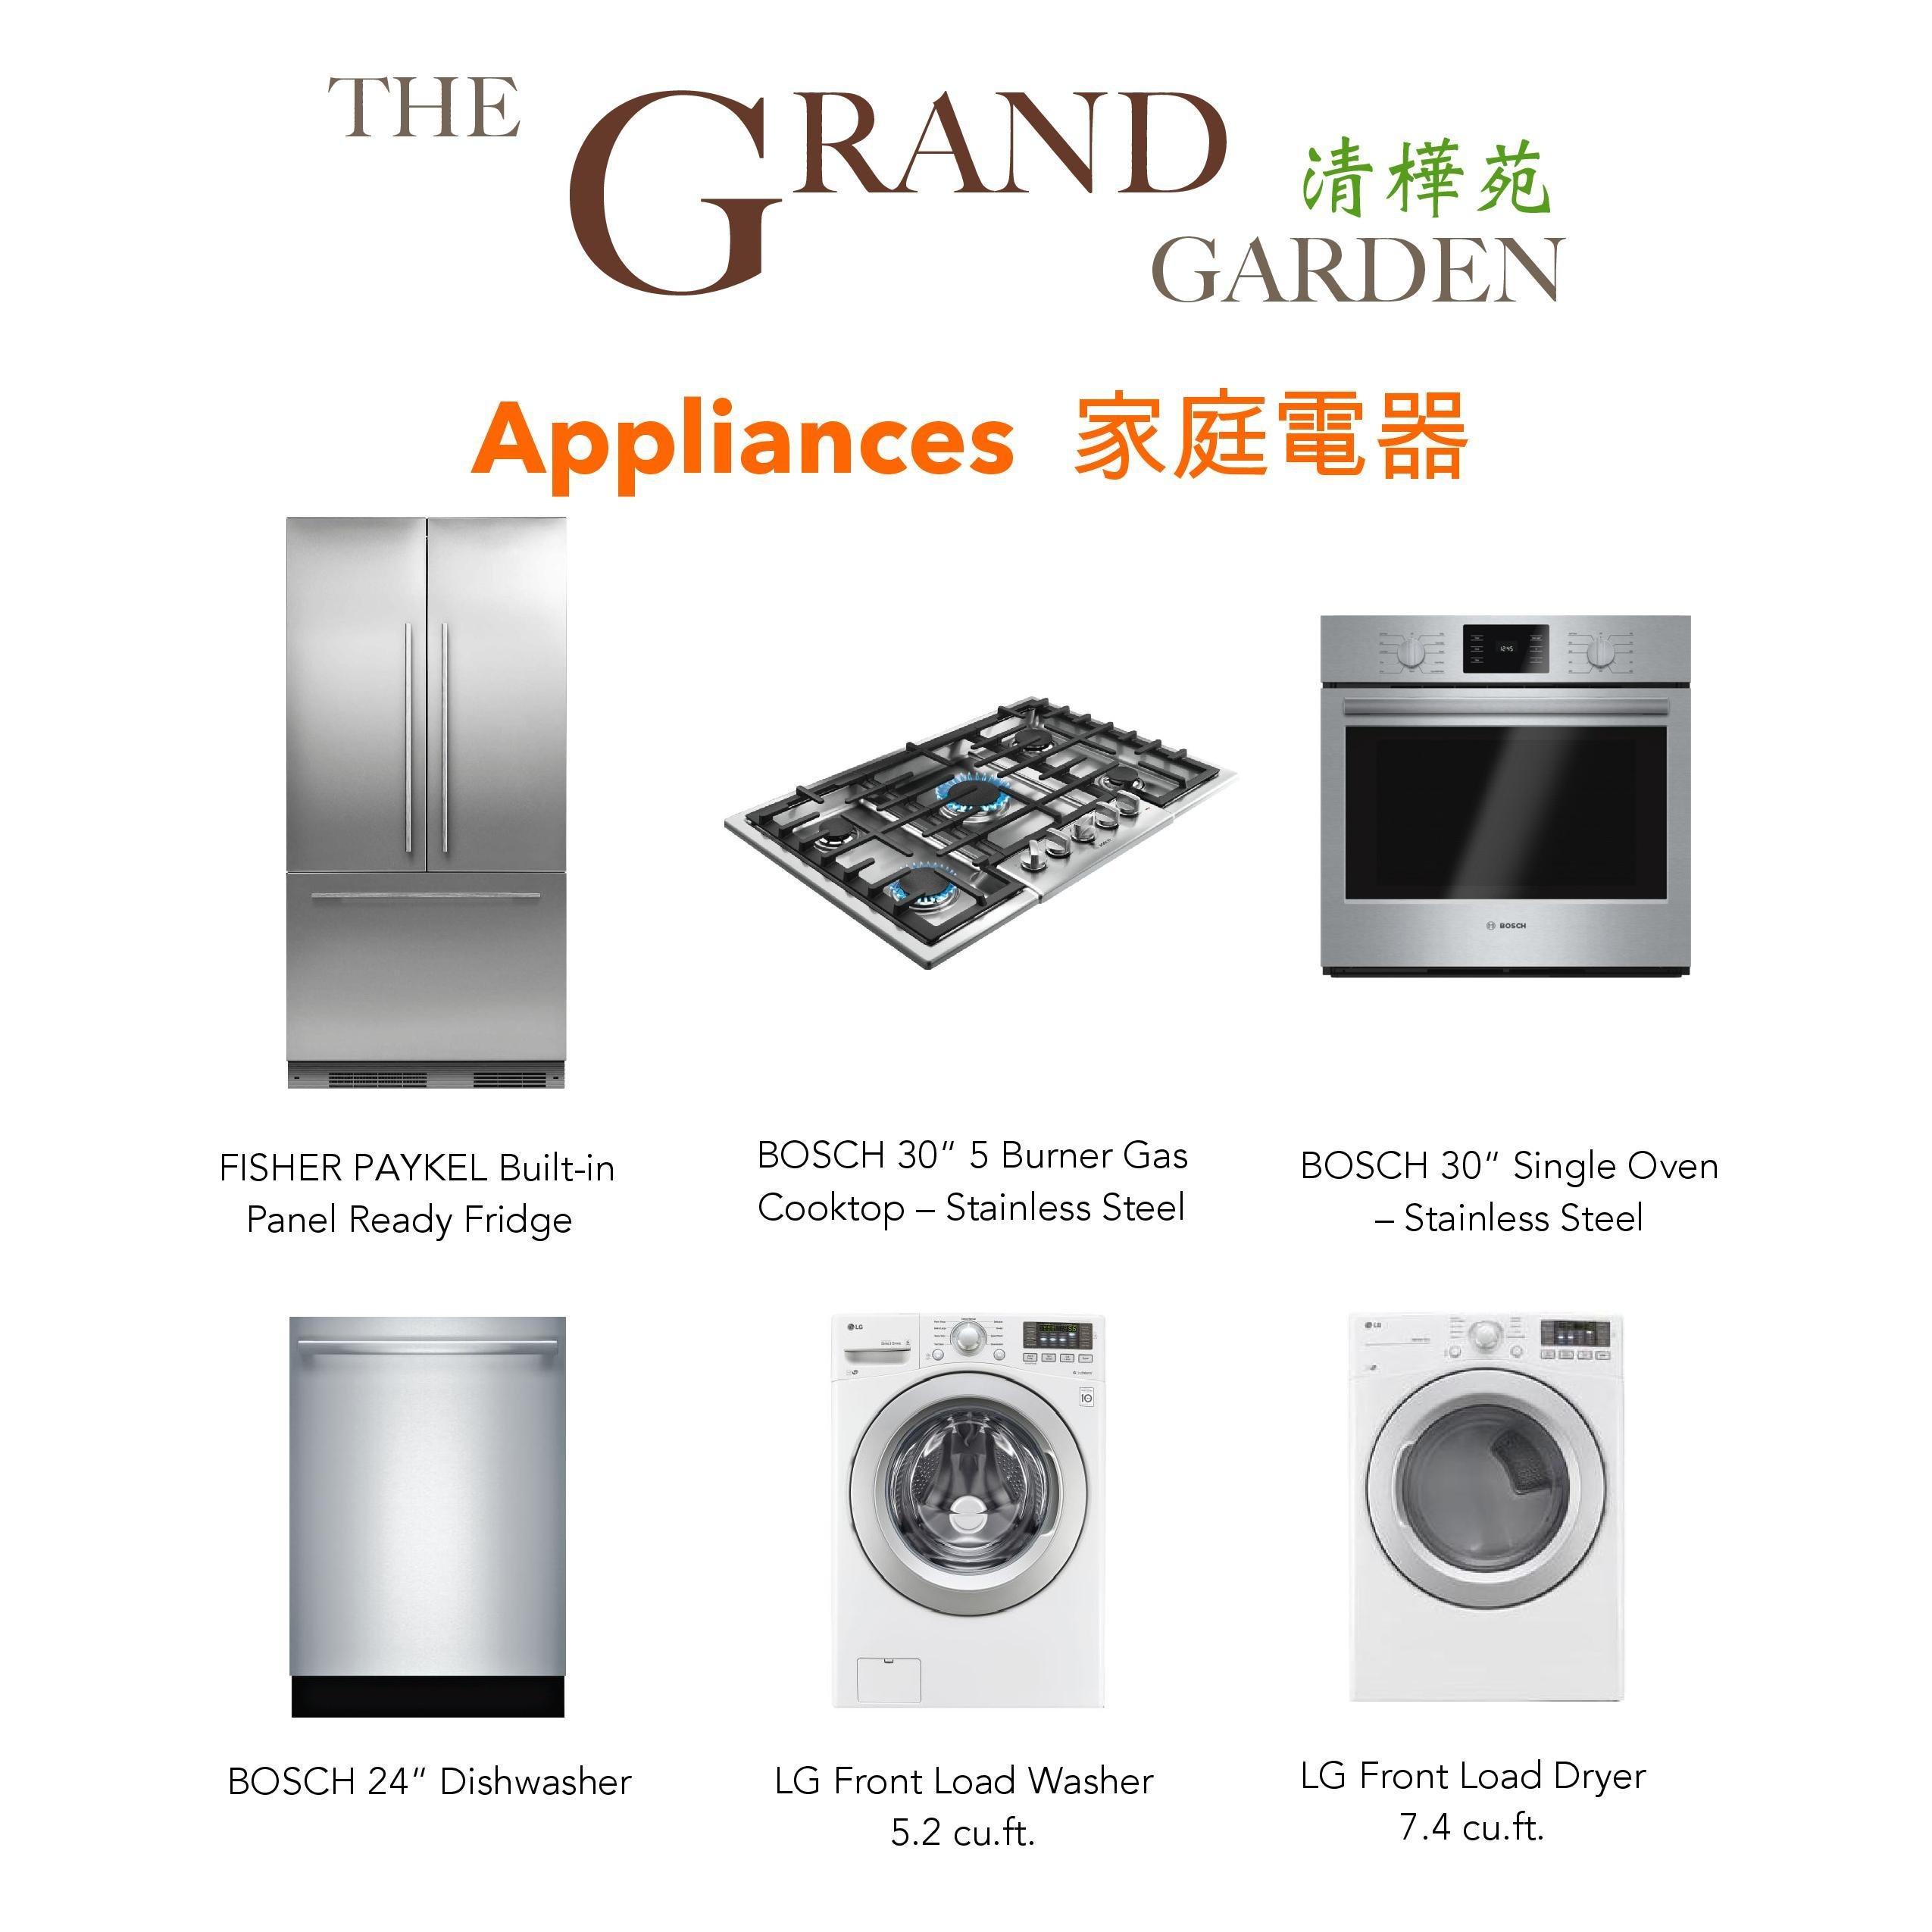 appliance board page 001 3 (JPG)